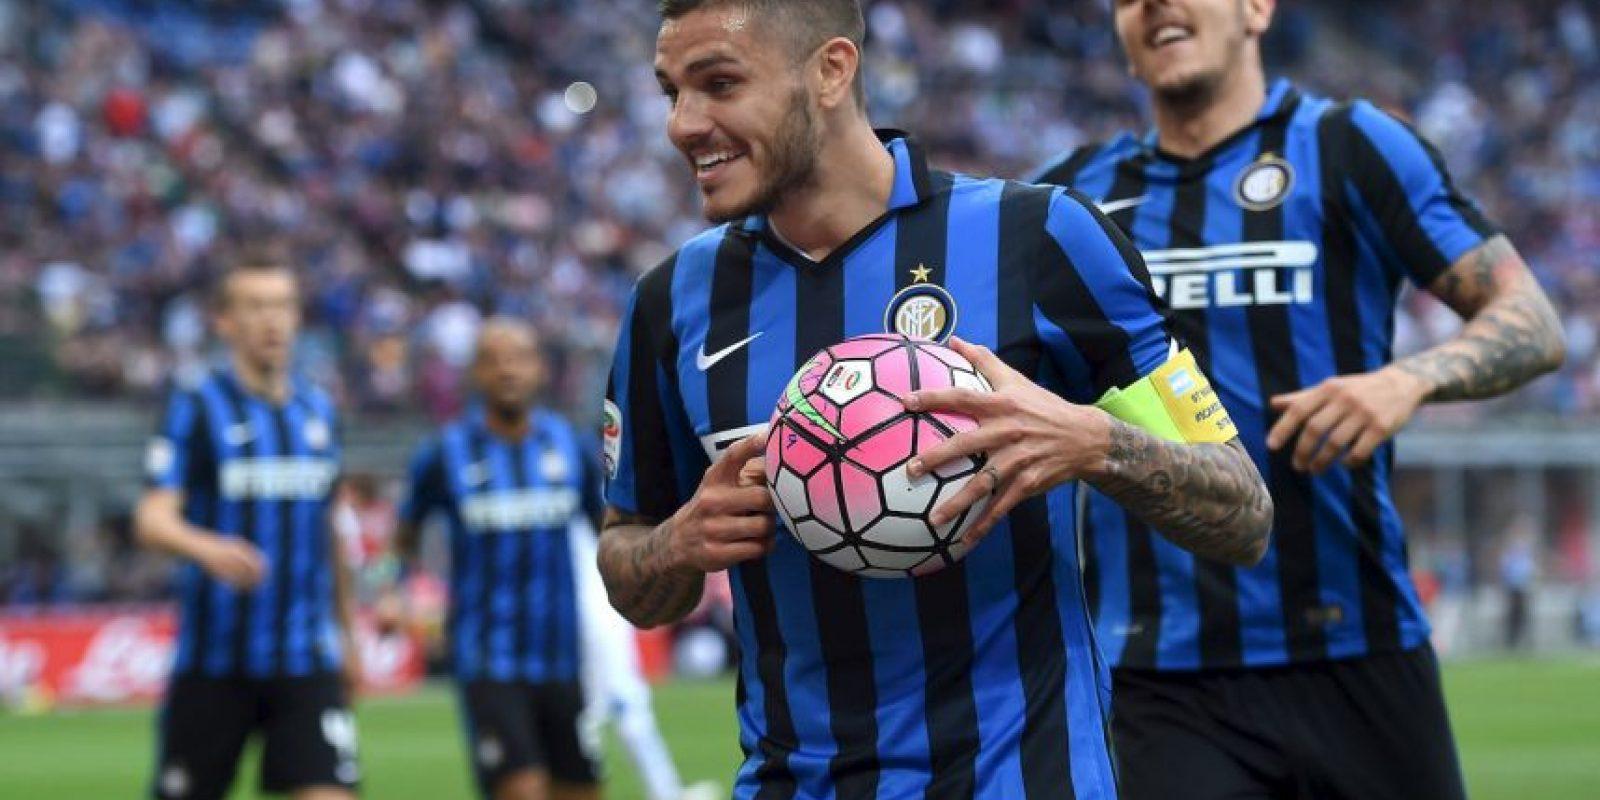 Inter de Milán pide de 50 a 60 millones de euros por el italiano Foto:Getty Images